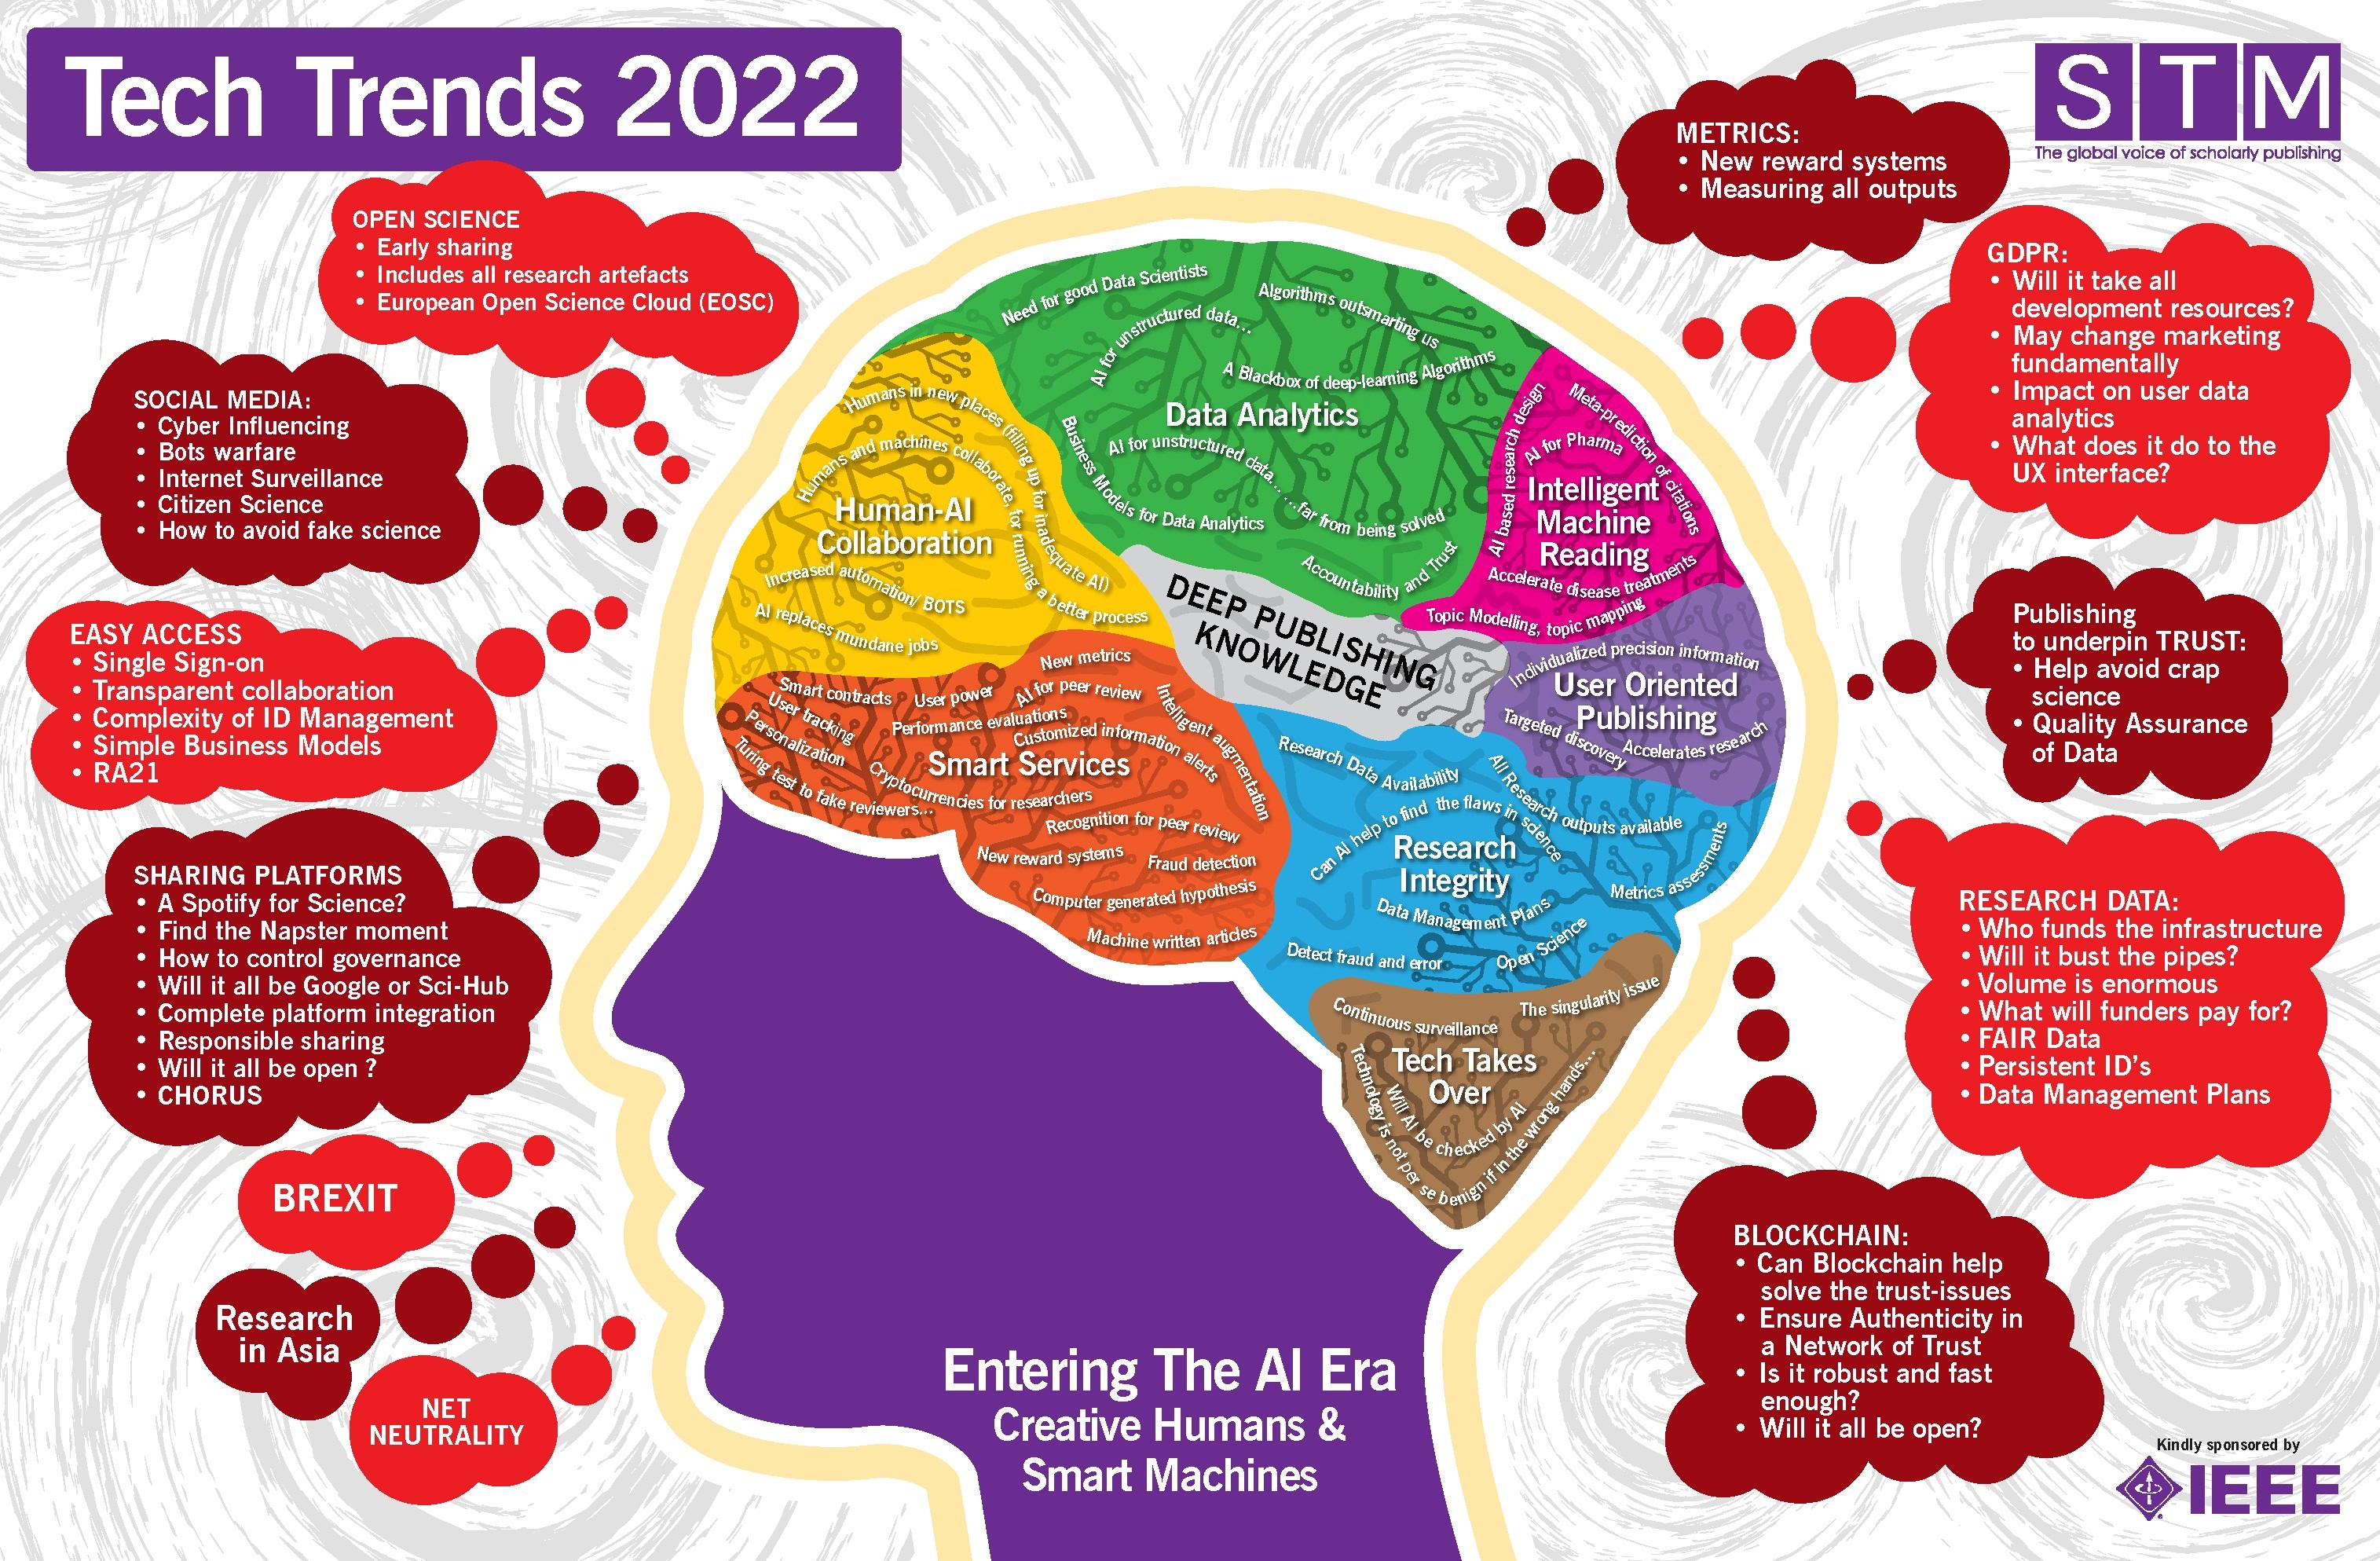 Tech Trends 2022